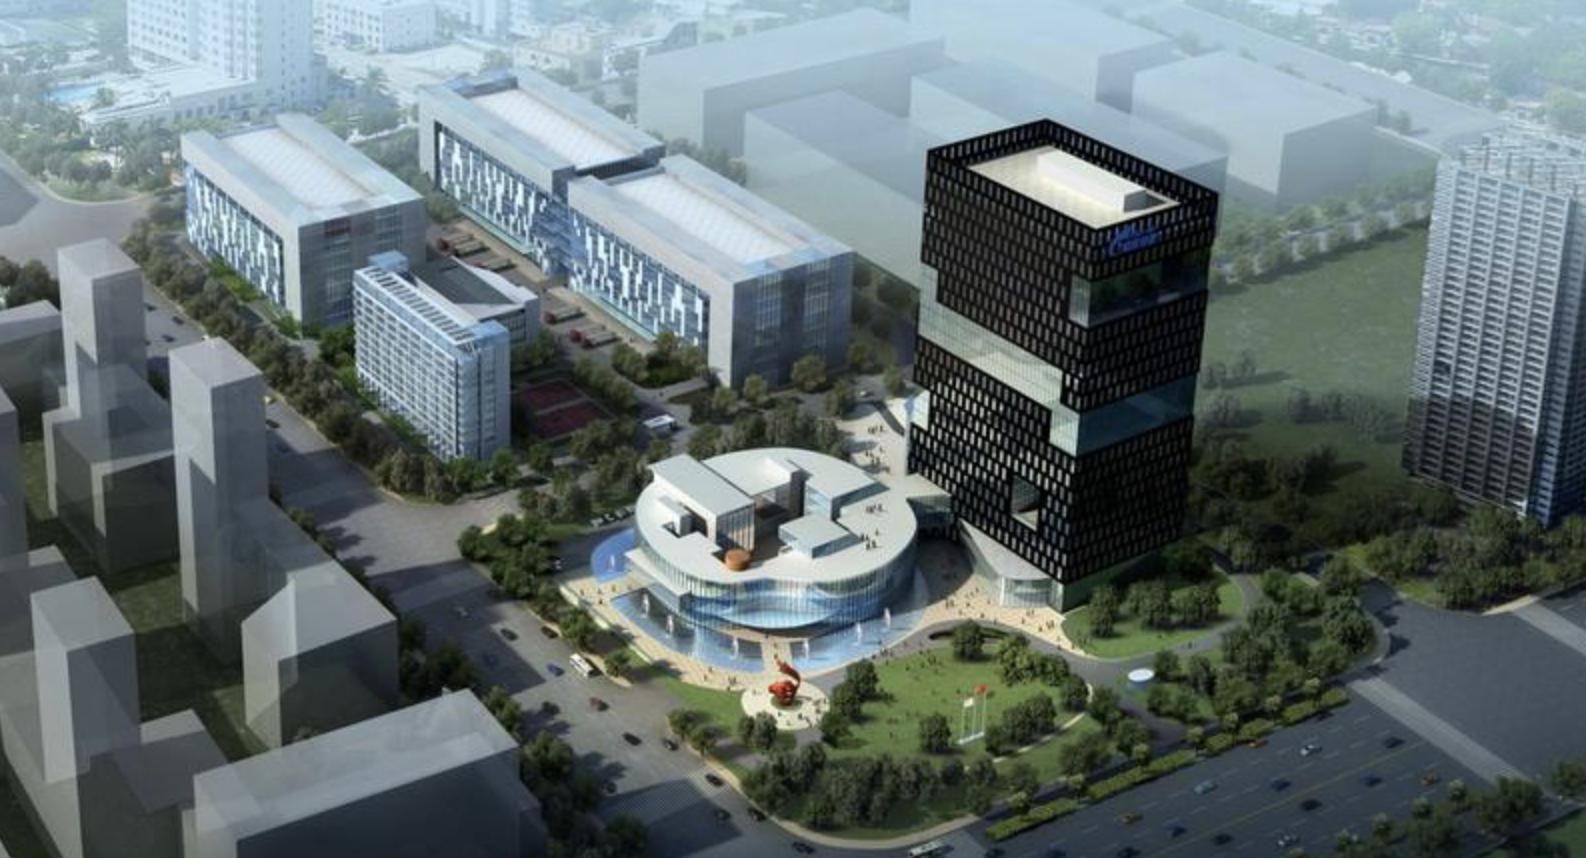 星网锐捷作为首批且省内唯一入选 国家首批先进制造业和现代服务业融合发展试点企业